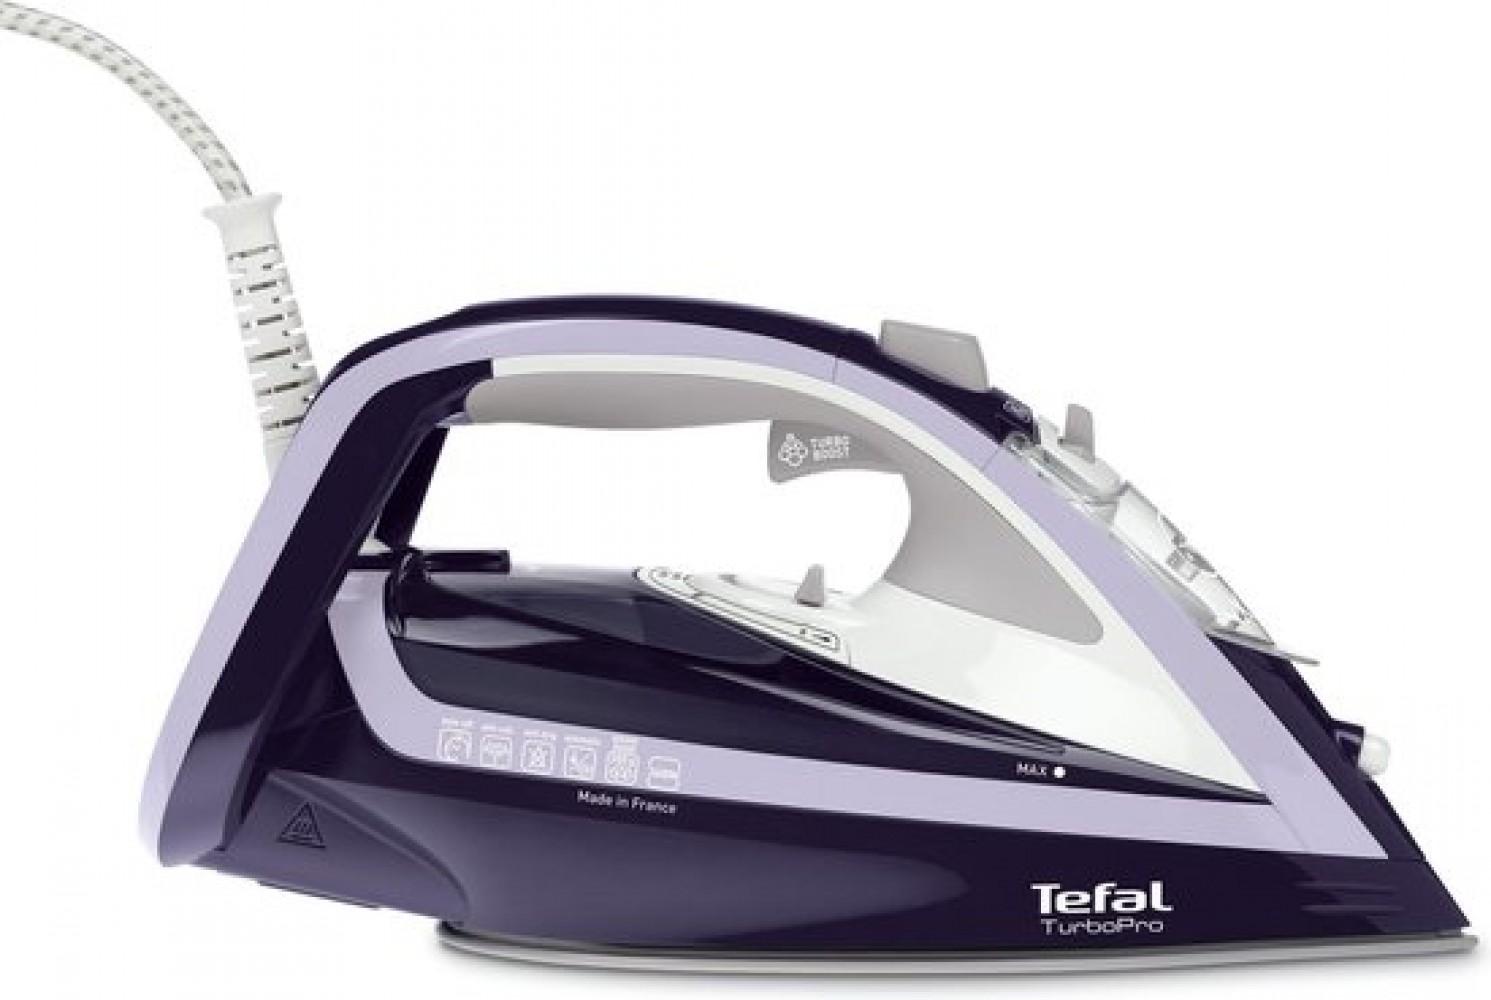 Tefal TurboPro FV5615 - Stoomstrijkijzer